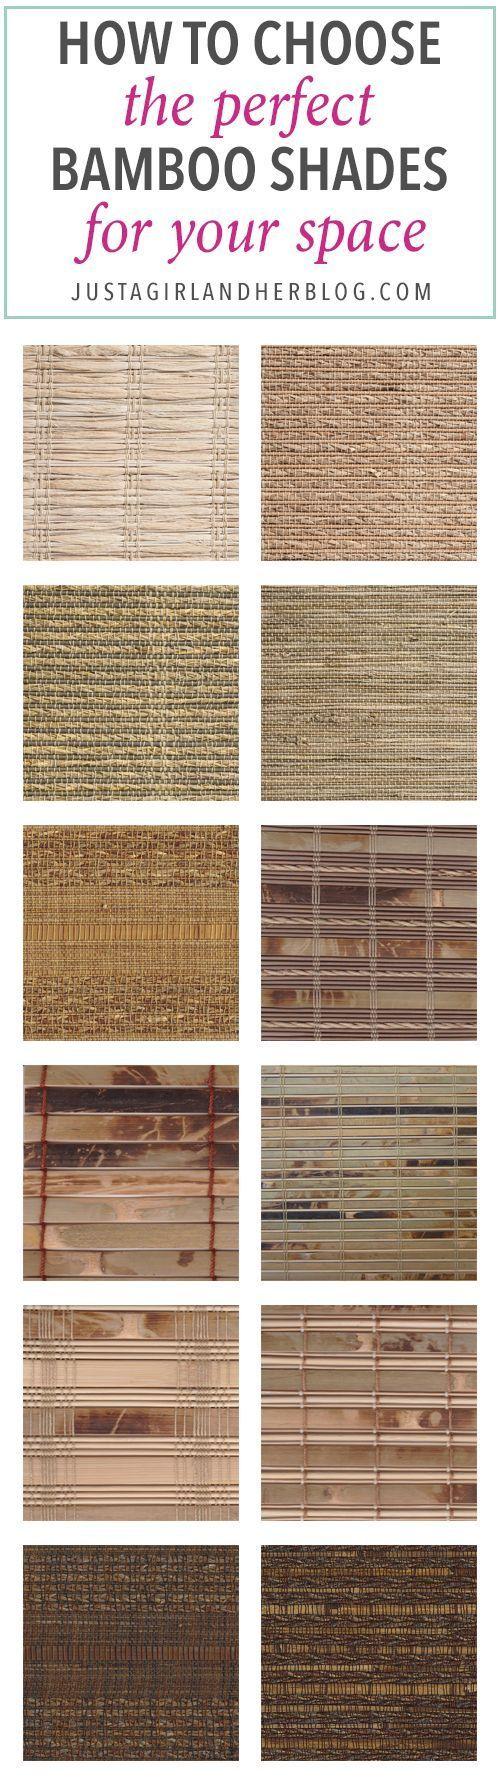 Accueil – Comment choisir les stores en bambou, les parures de fenêtre, les stores, les stores, les stores en bois …